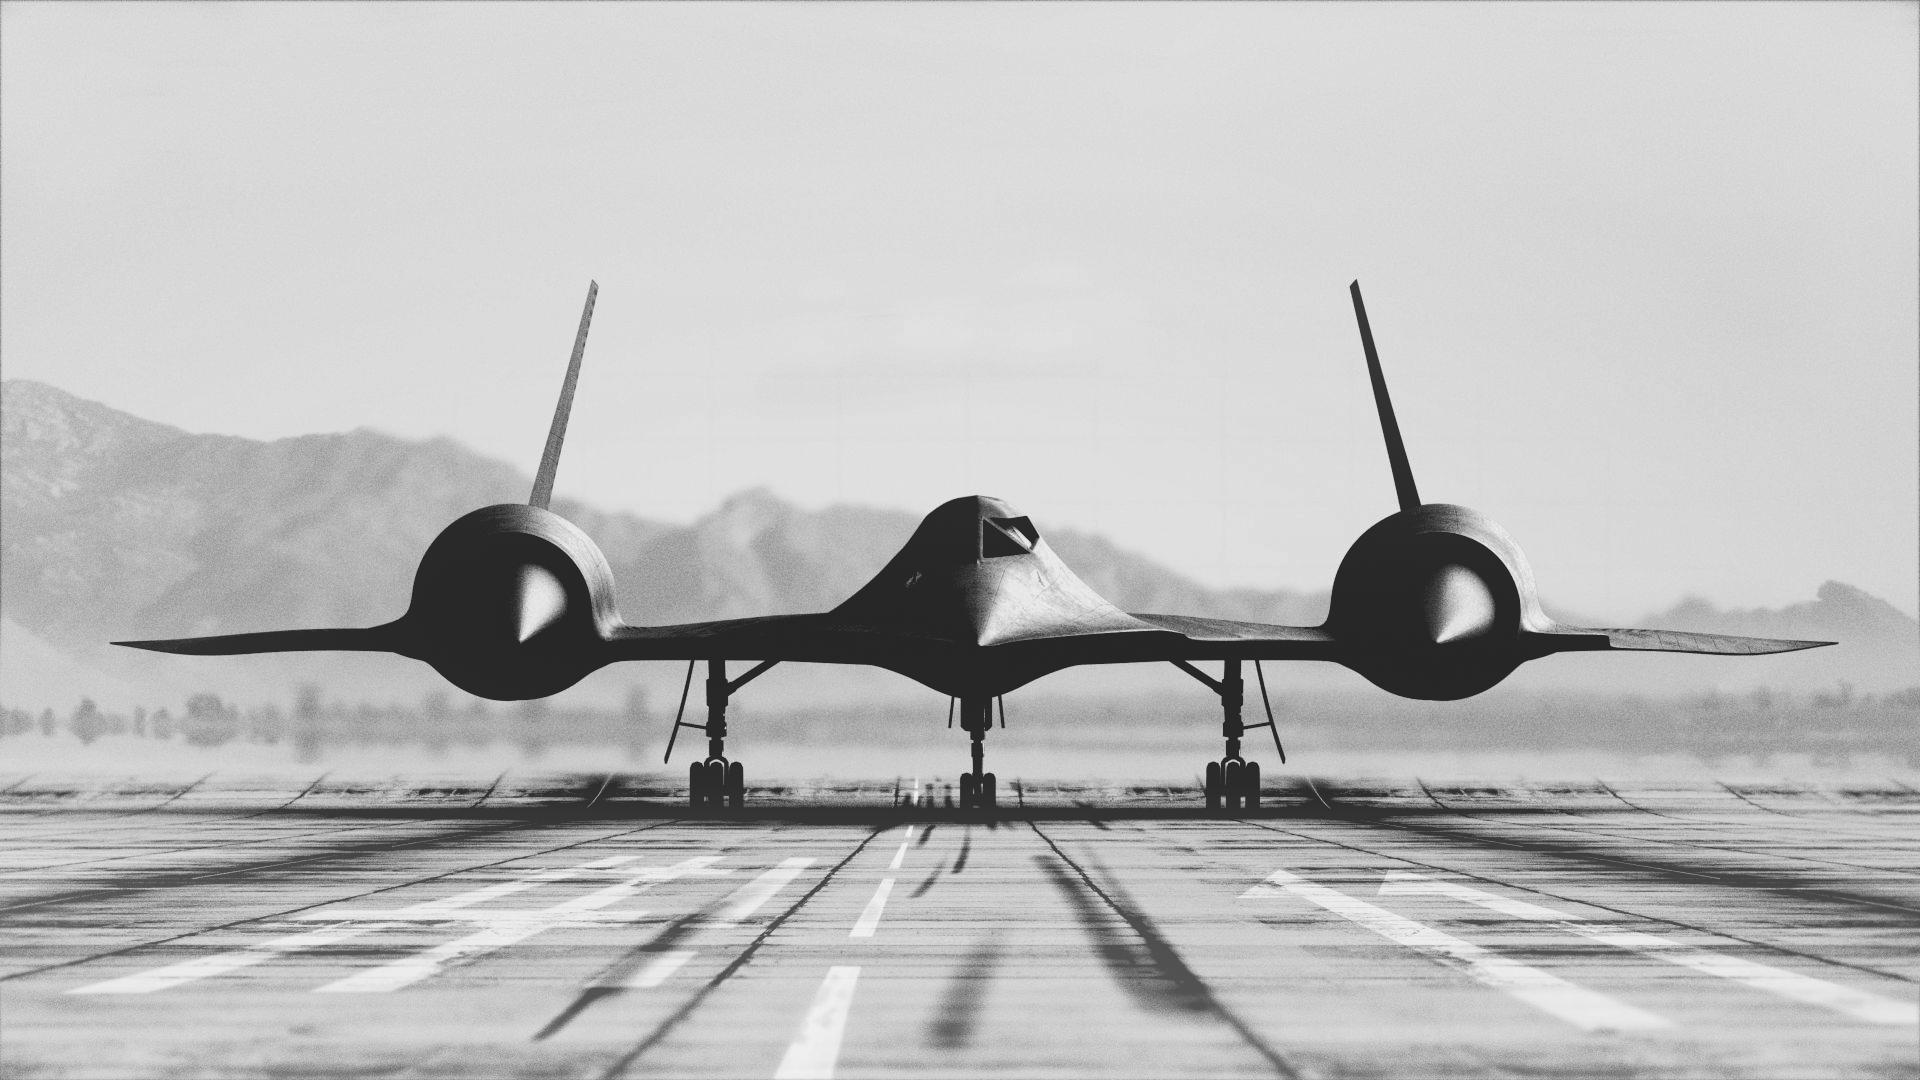 Lockheed Sr 71 Blackbird Fondo De Pantalla Hd Fondo De